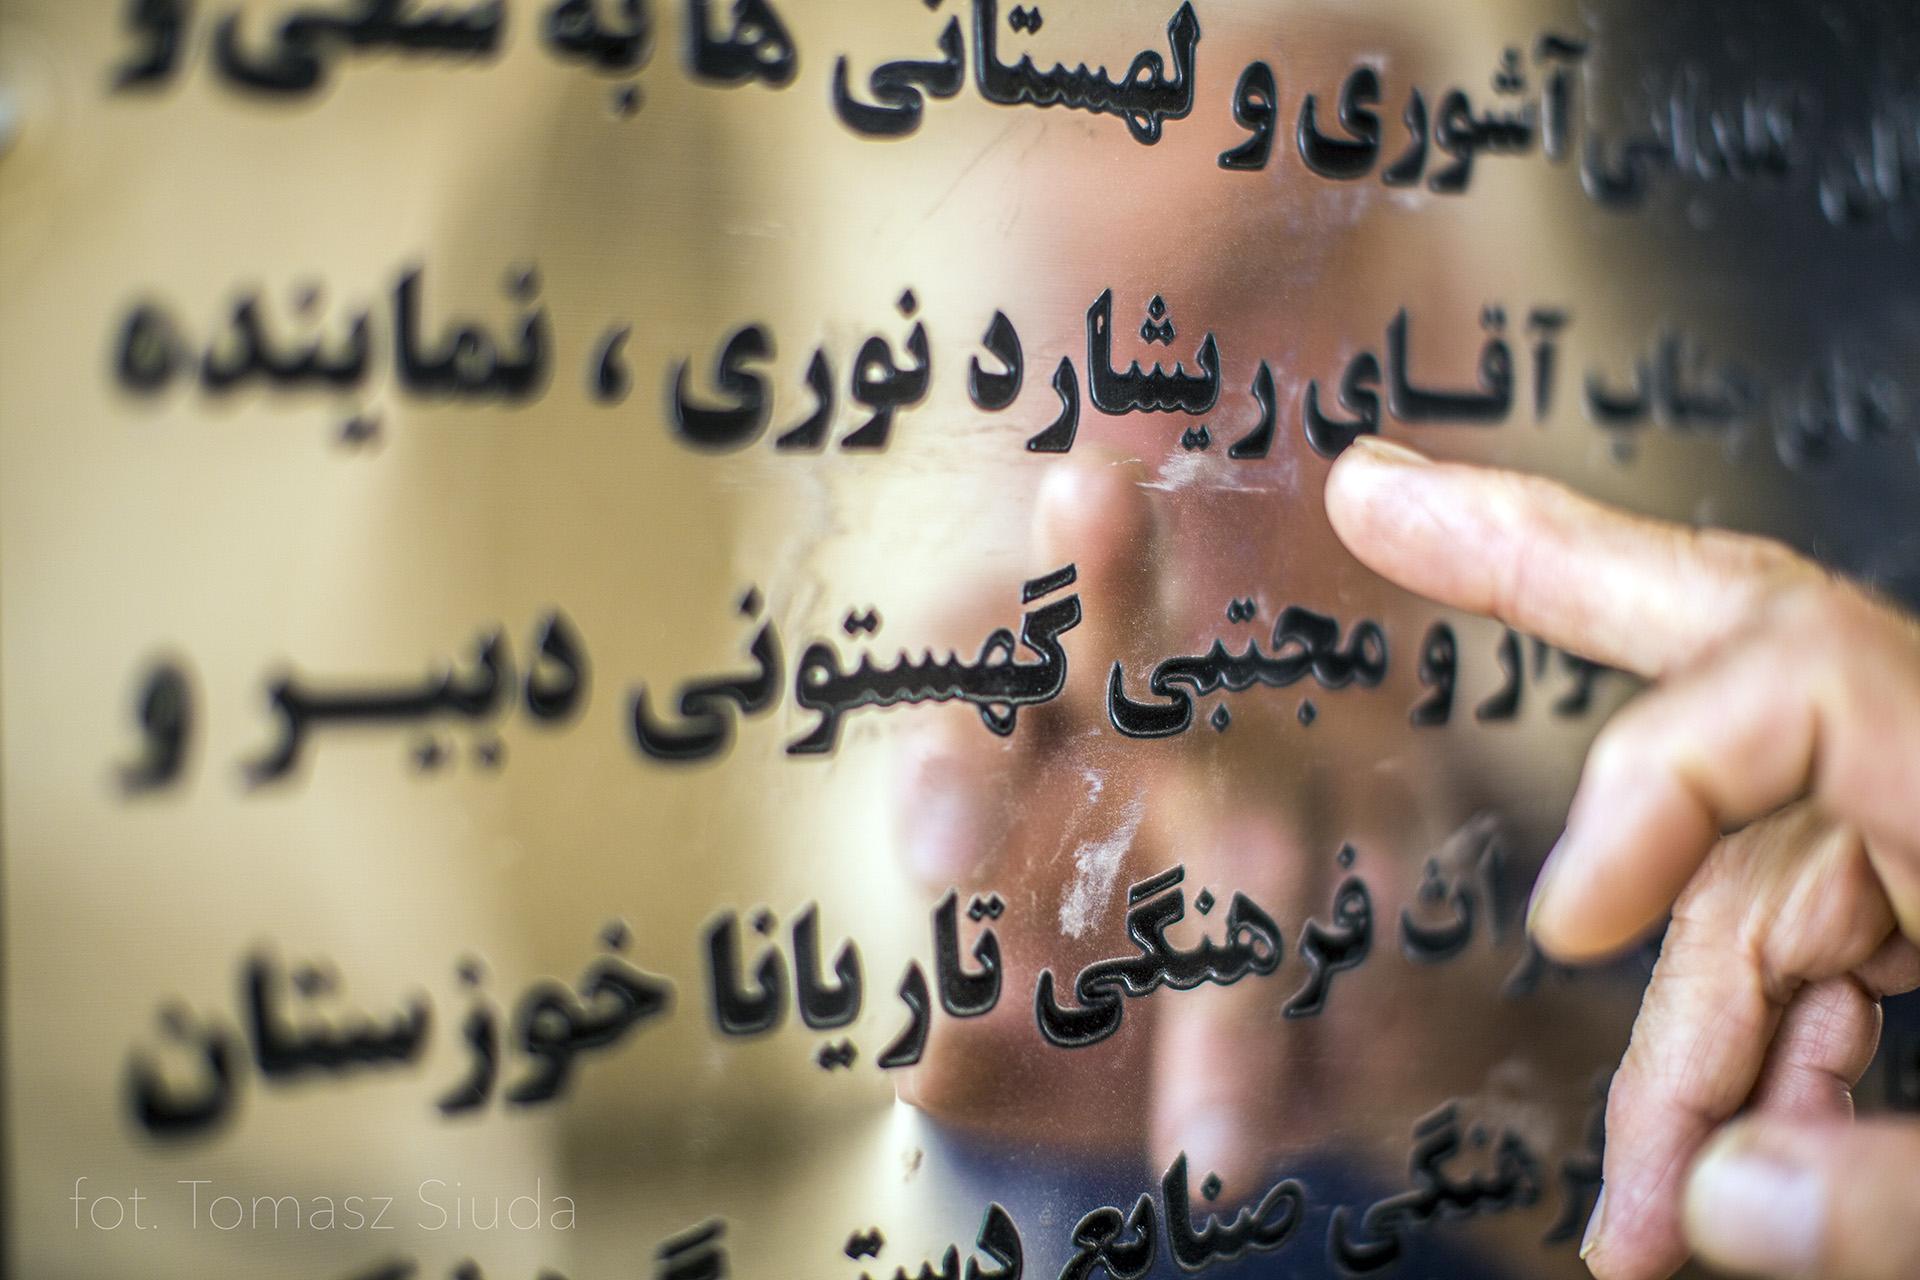 Projekt: Iran. Śladami polskich uchodźców by Tomasz Siuda